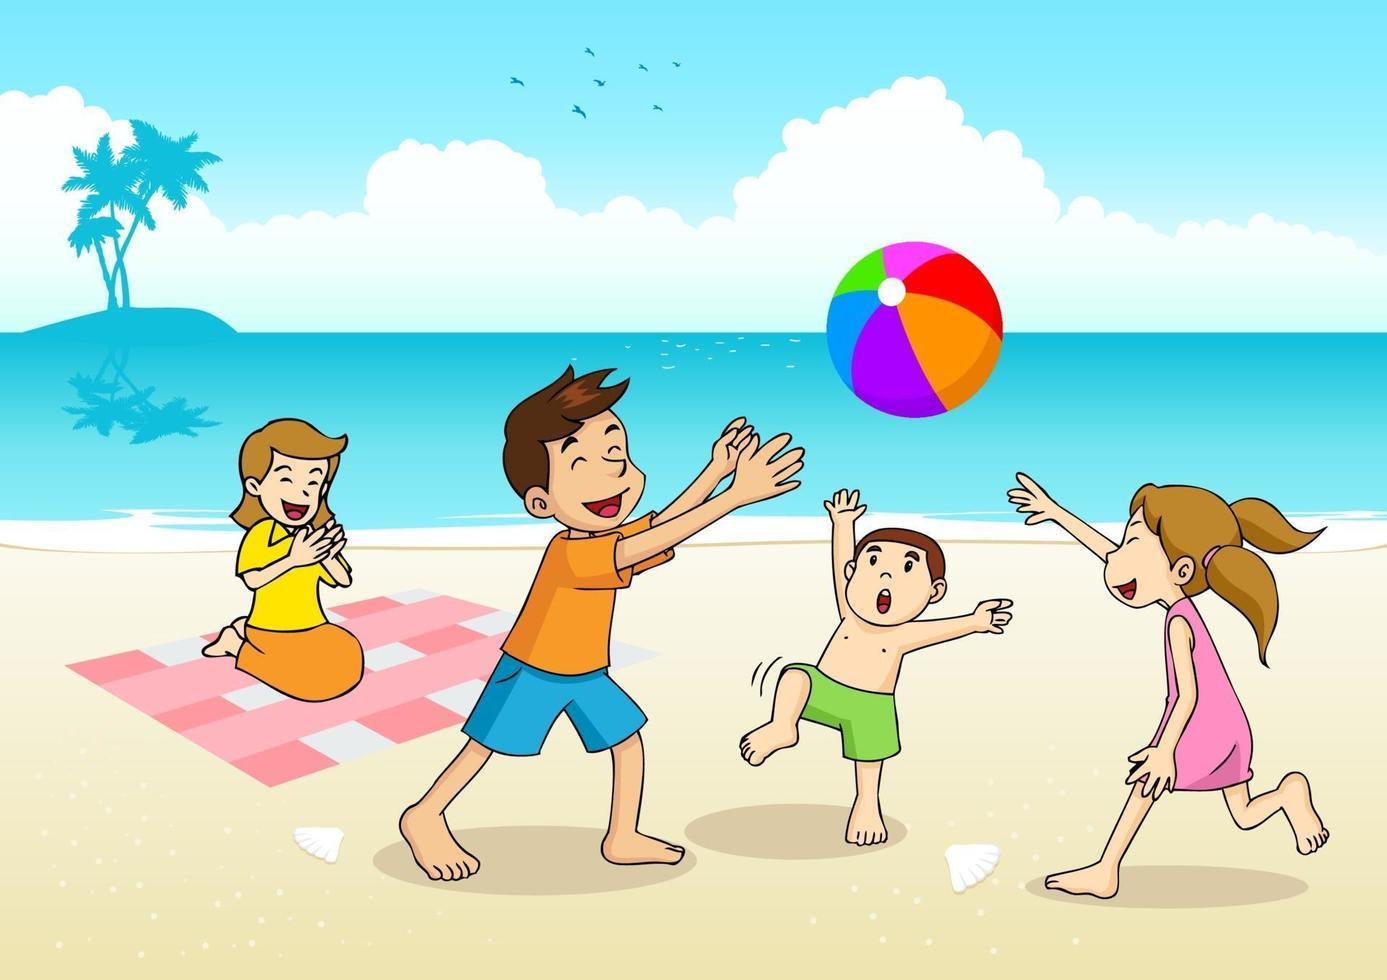 ilustração dos desenhos animados de uma família fazendo um piquenique na praia vetor